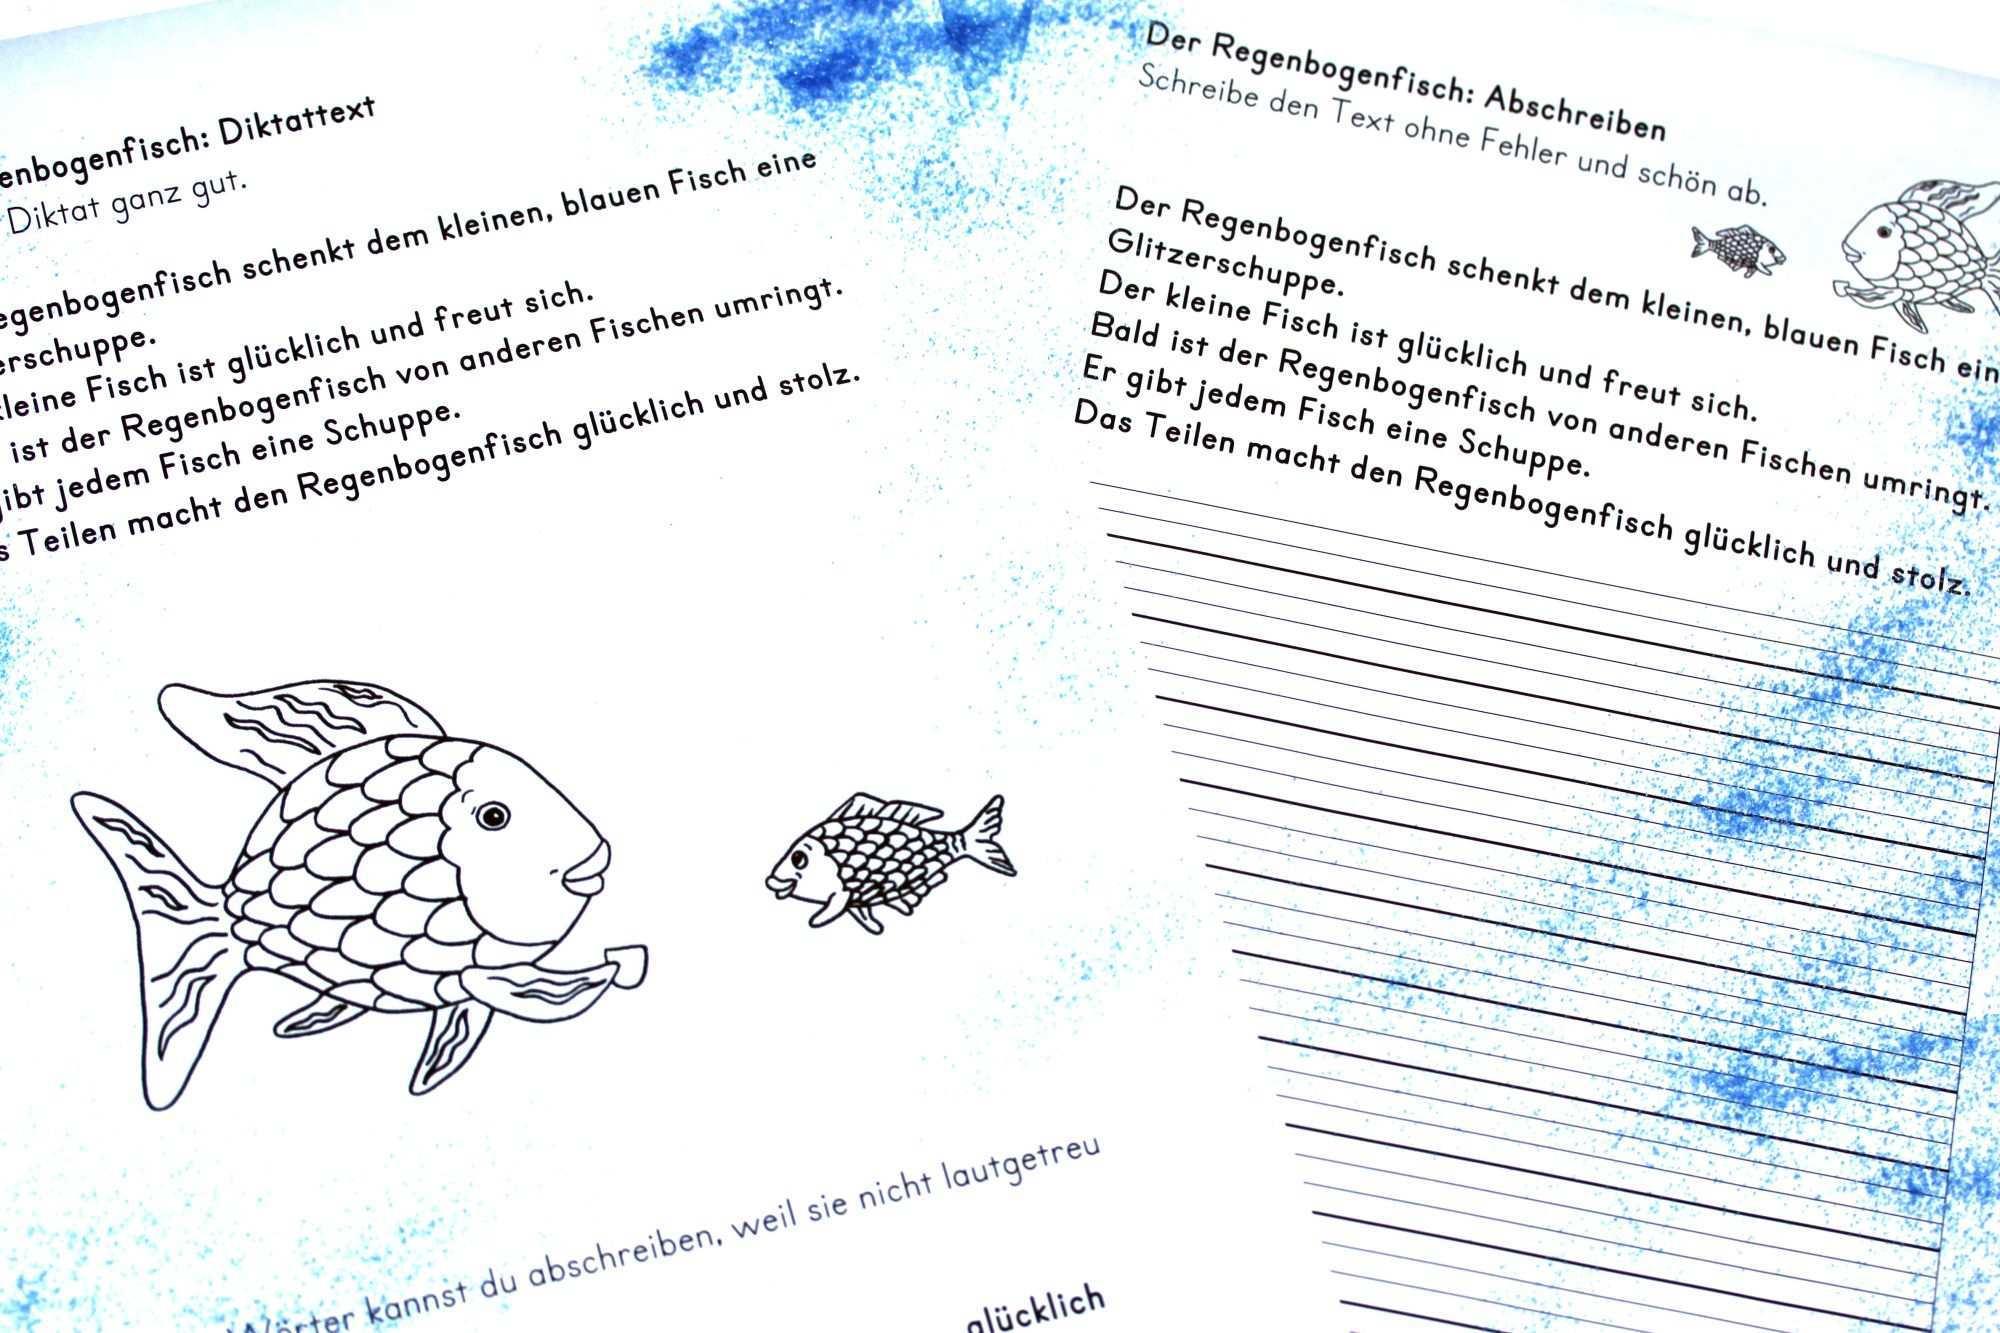 Diktattext Der Regenbogenfisch Regenbogenfisch Fische Regenbogen